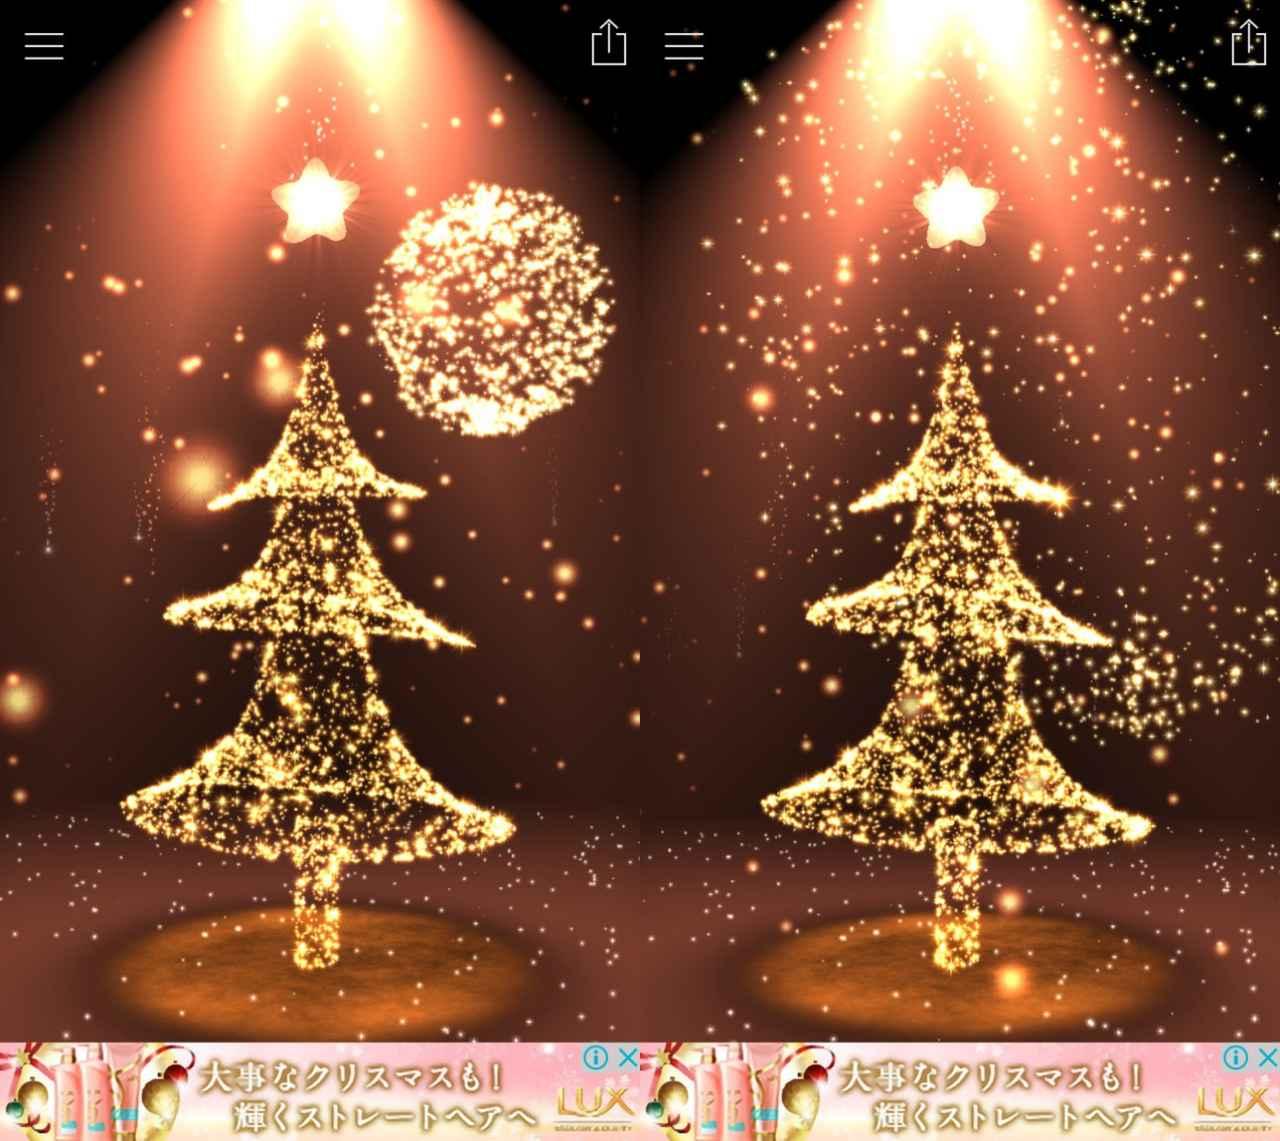 画像4: 3Dでキラキラのクリスマスツリーを表現!